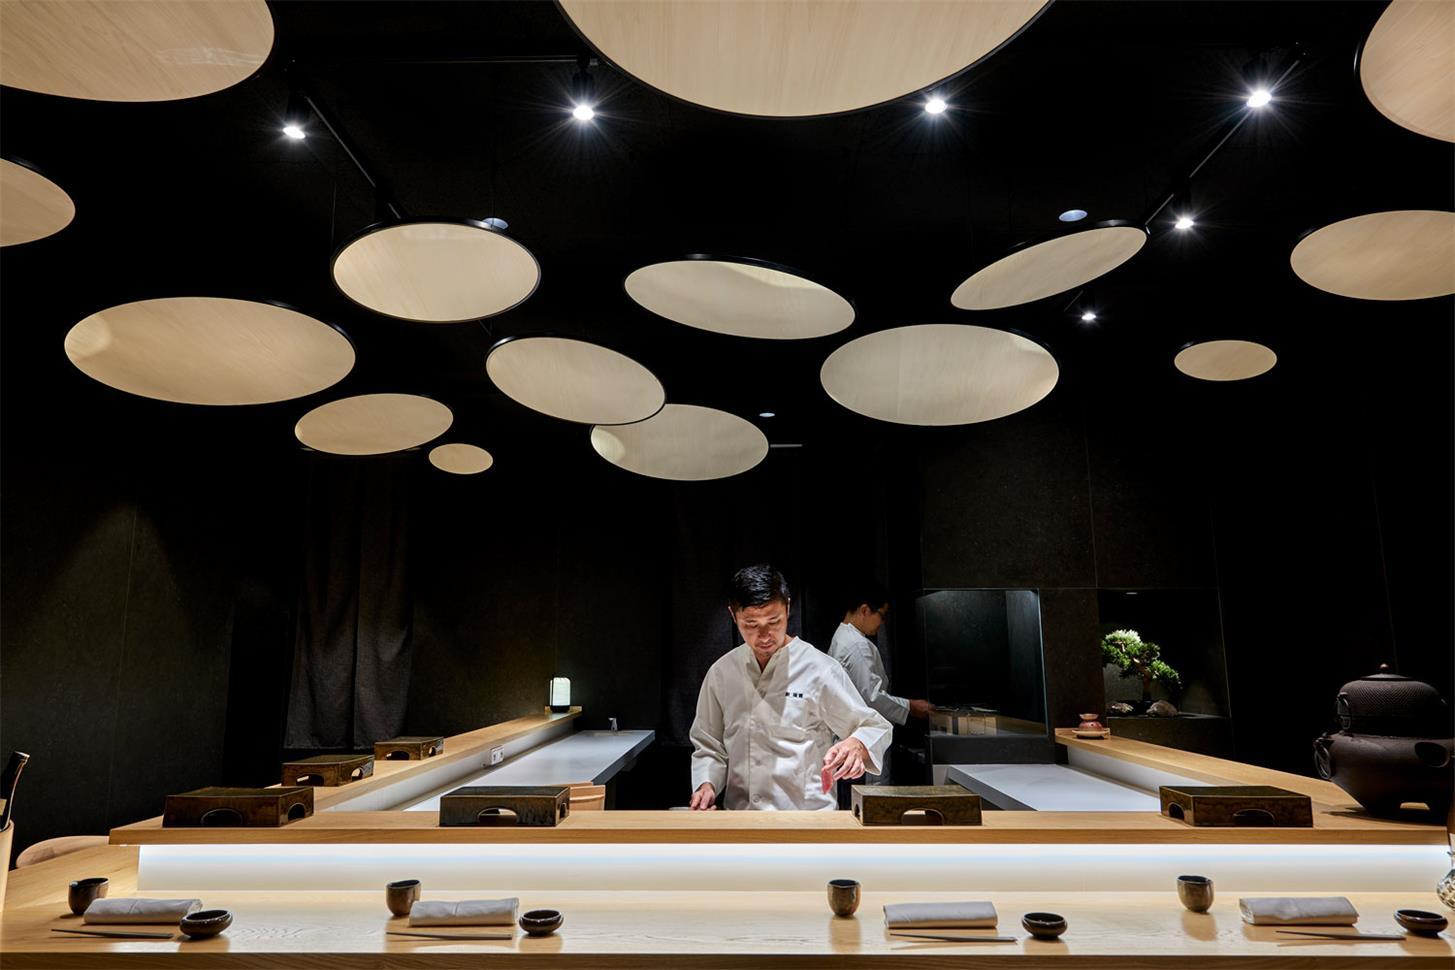 寿司店灯具设计